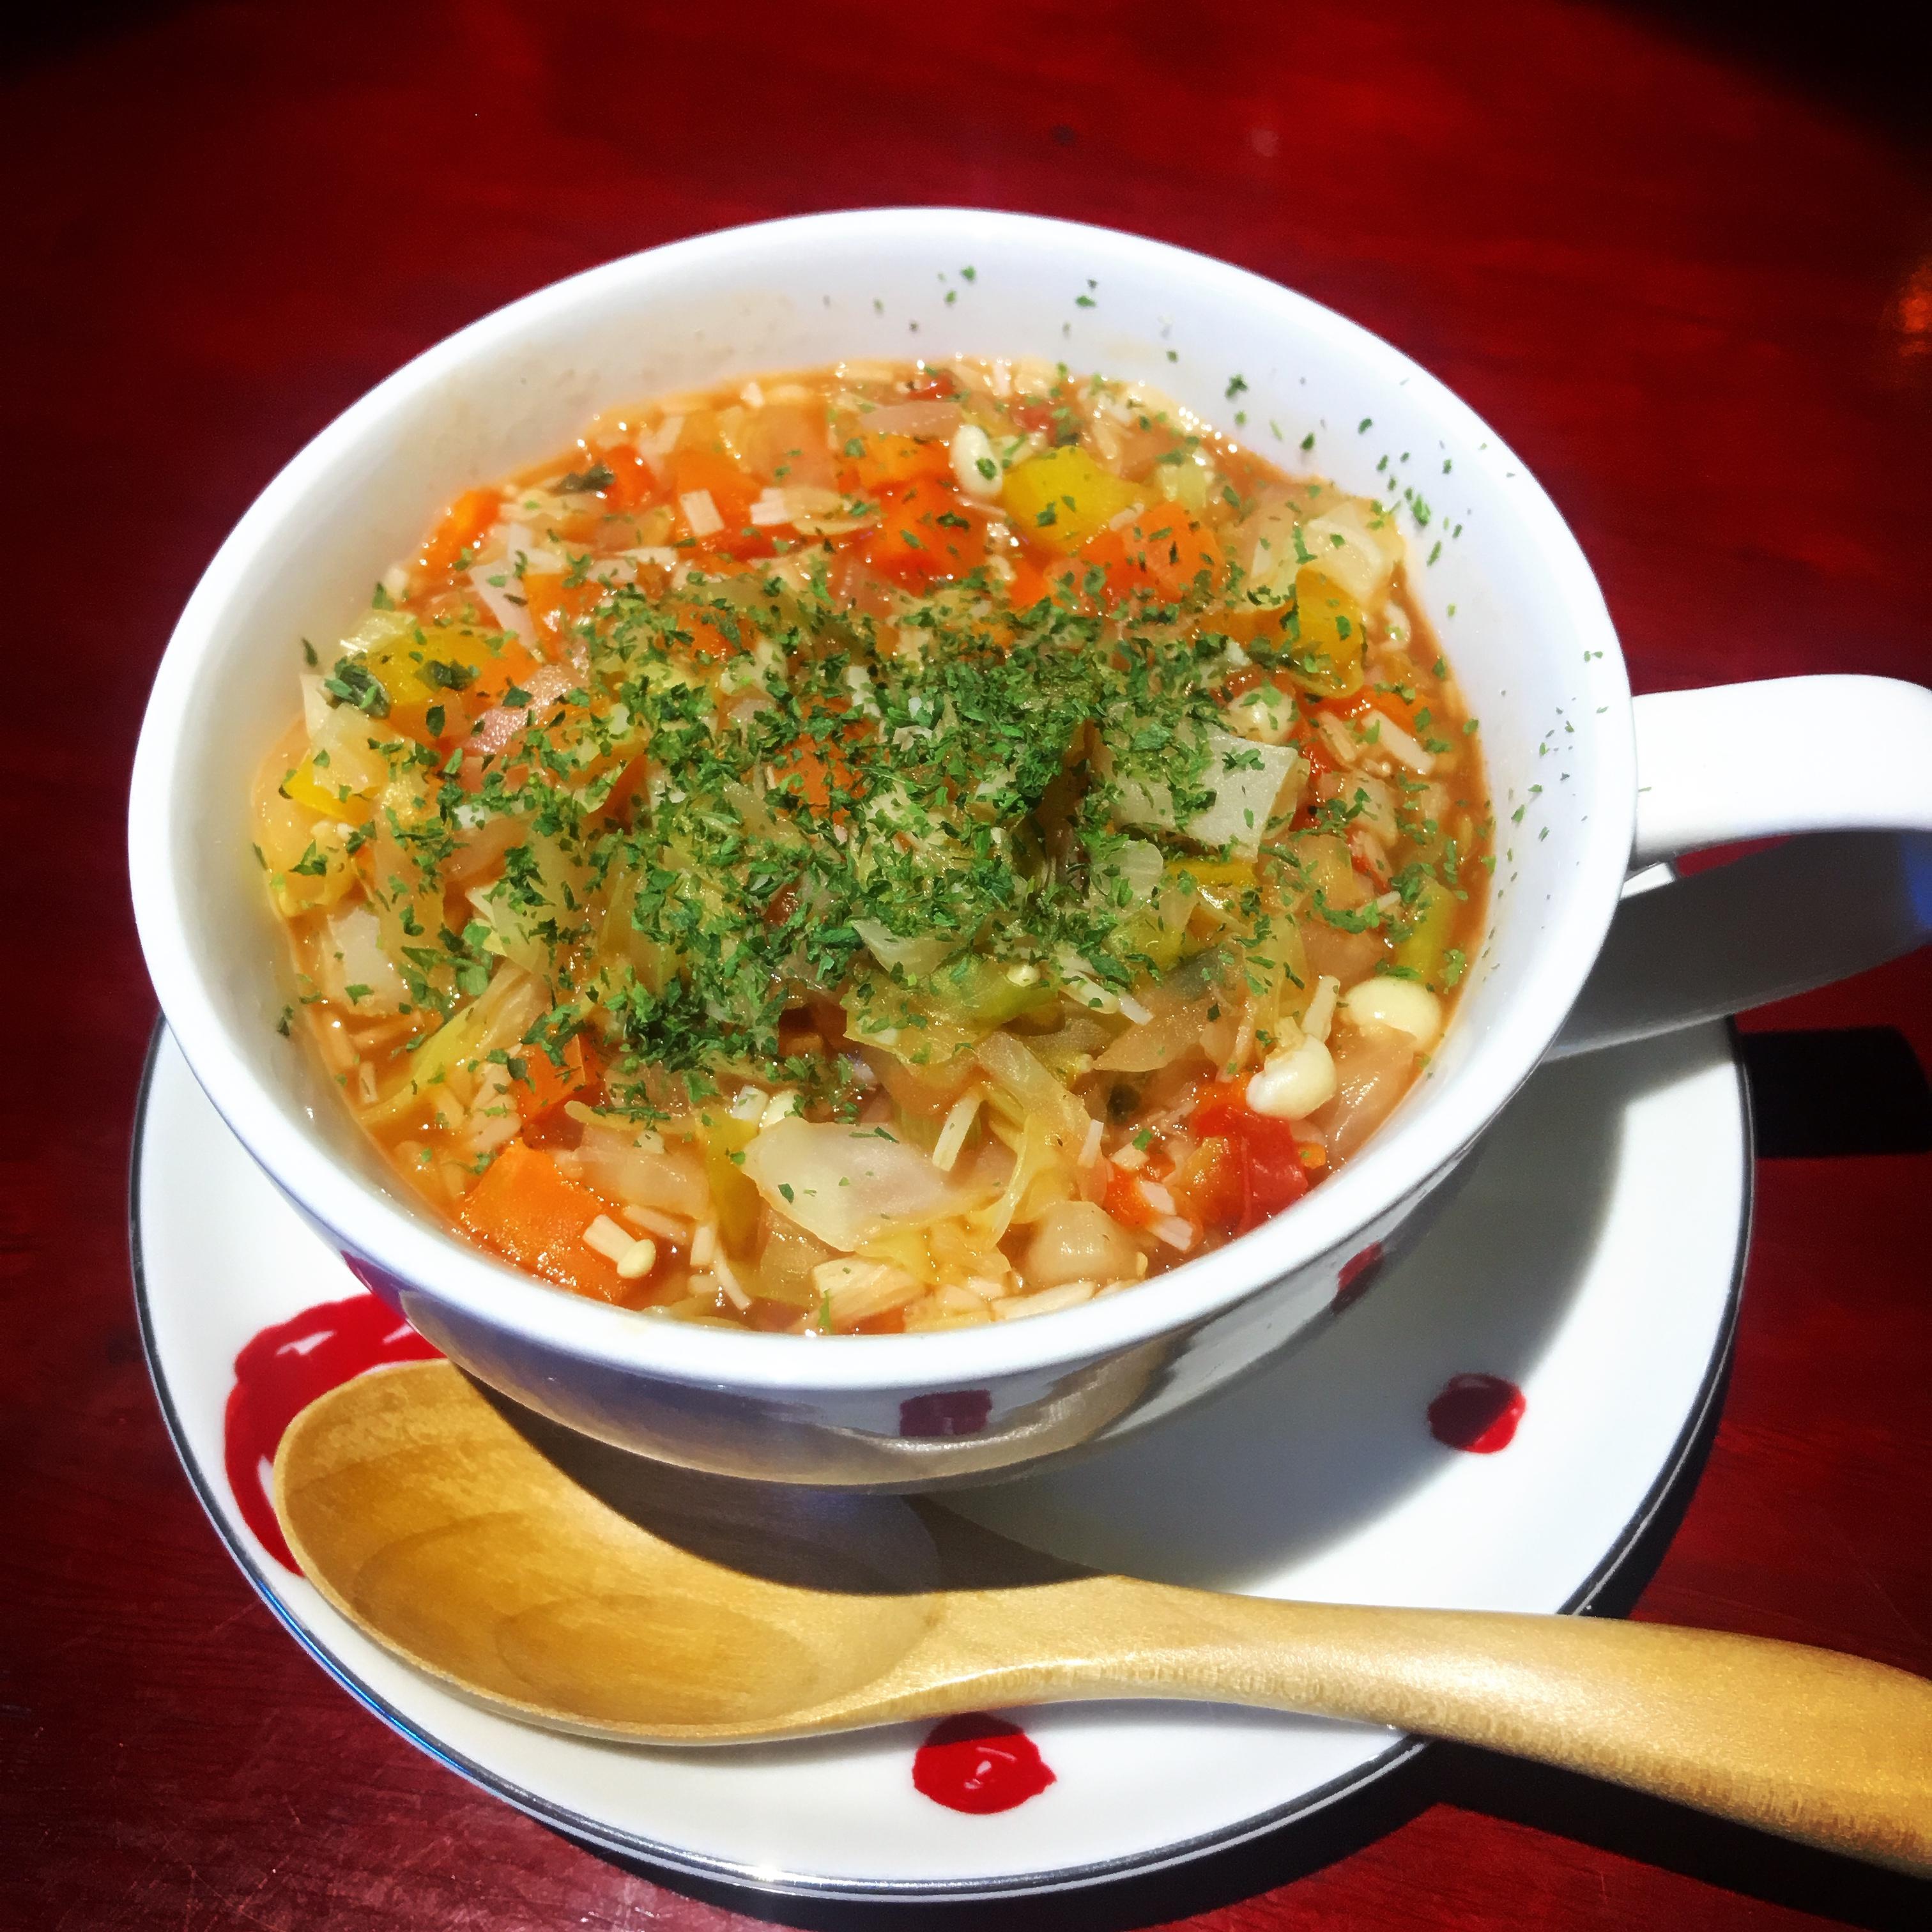 トマトベースの煮込み野菜 ¥650